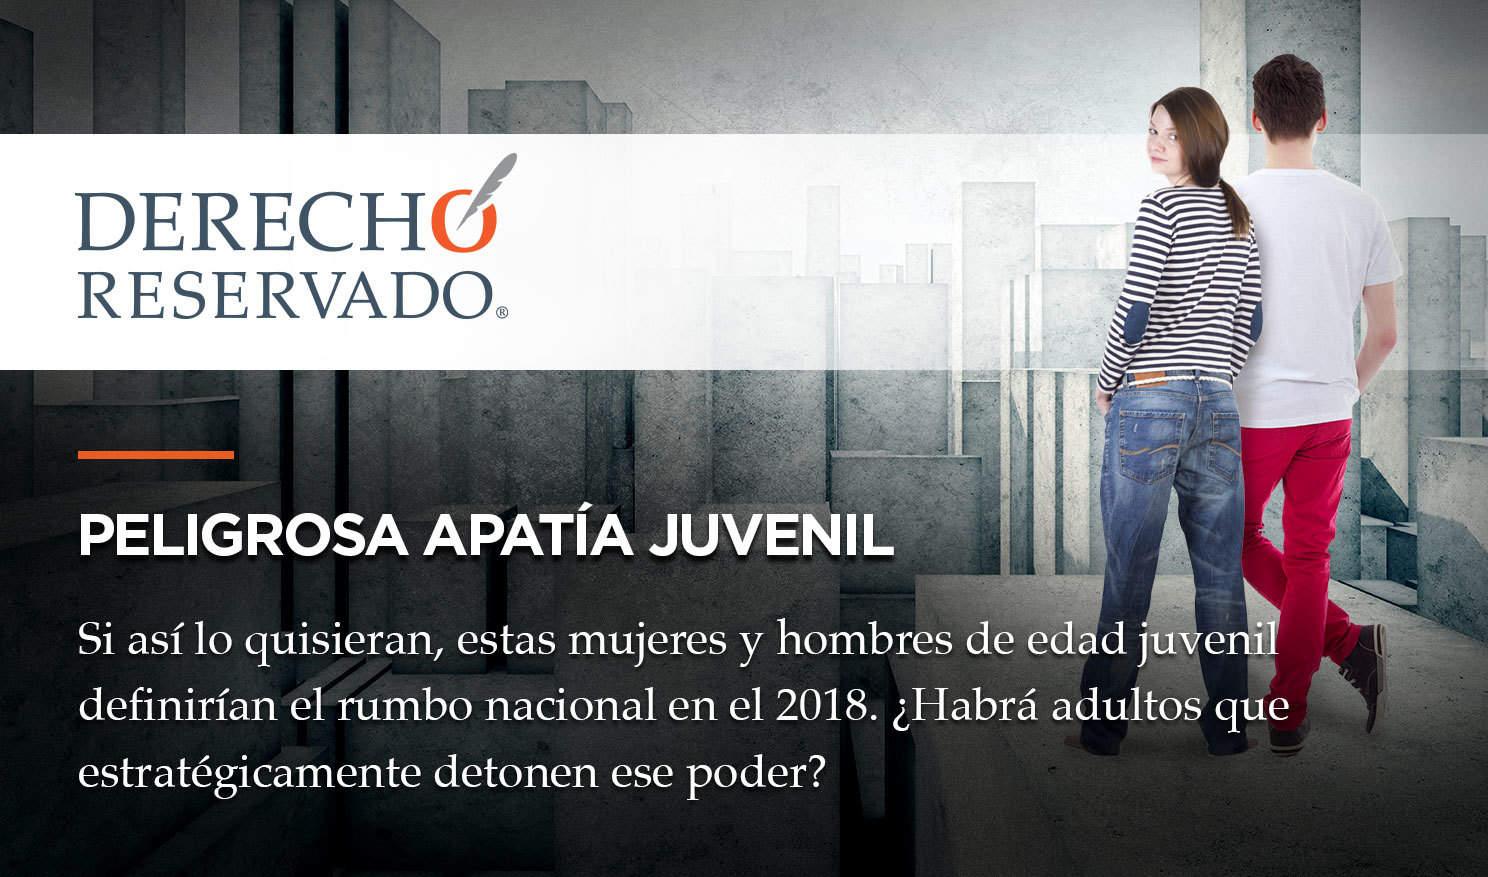 Peligrosa apatía juvenil | Derecho Reservado | Carlos Requena